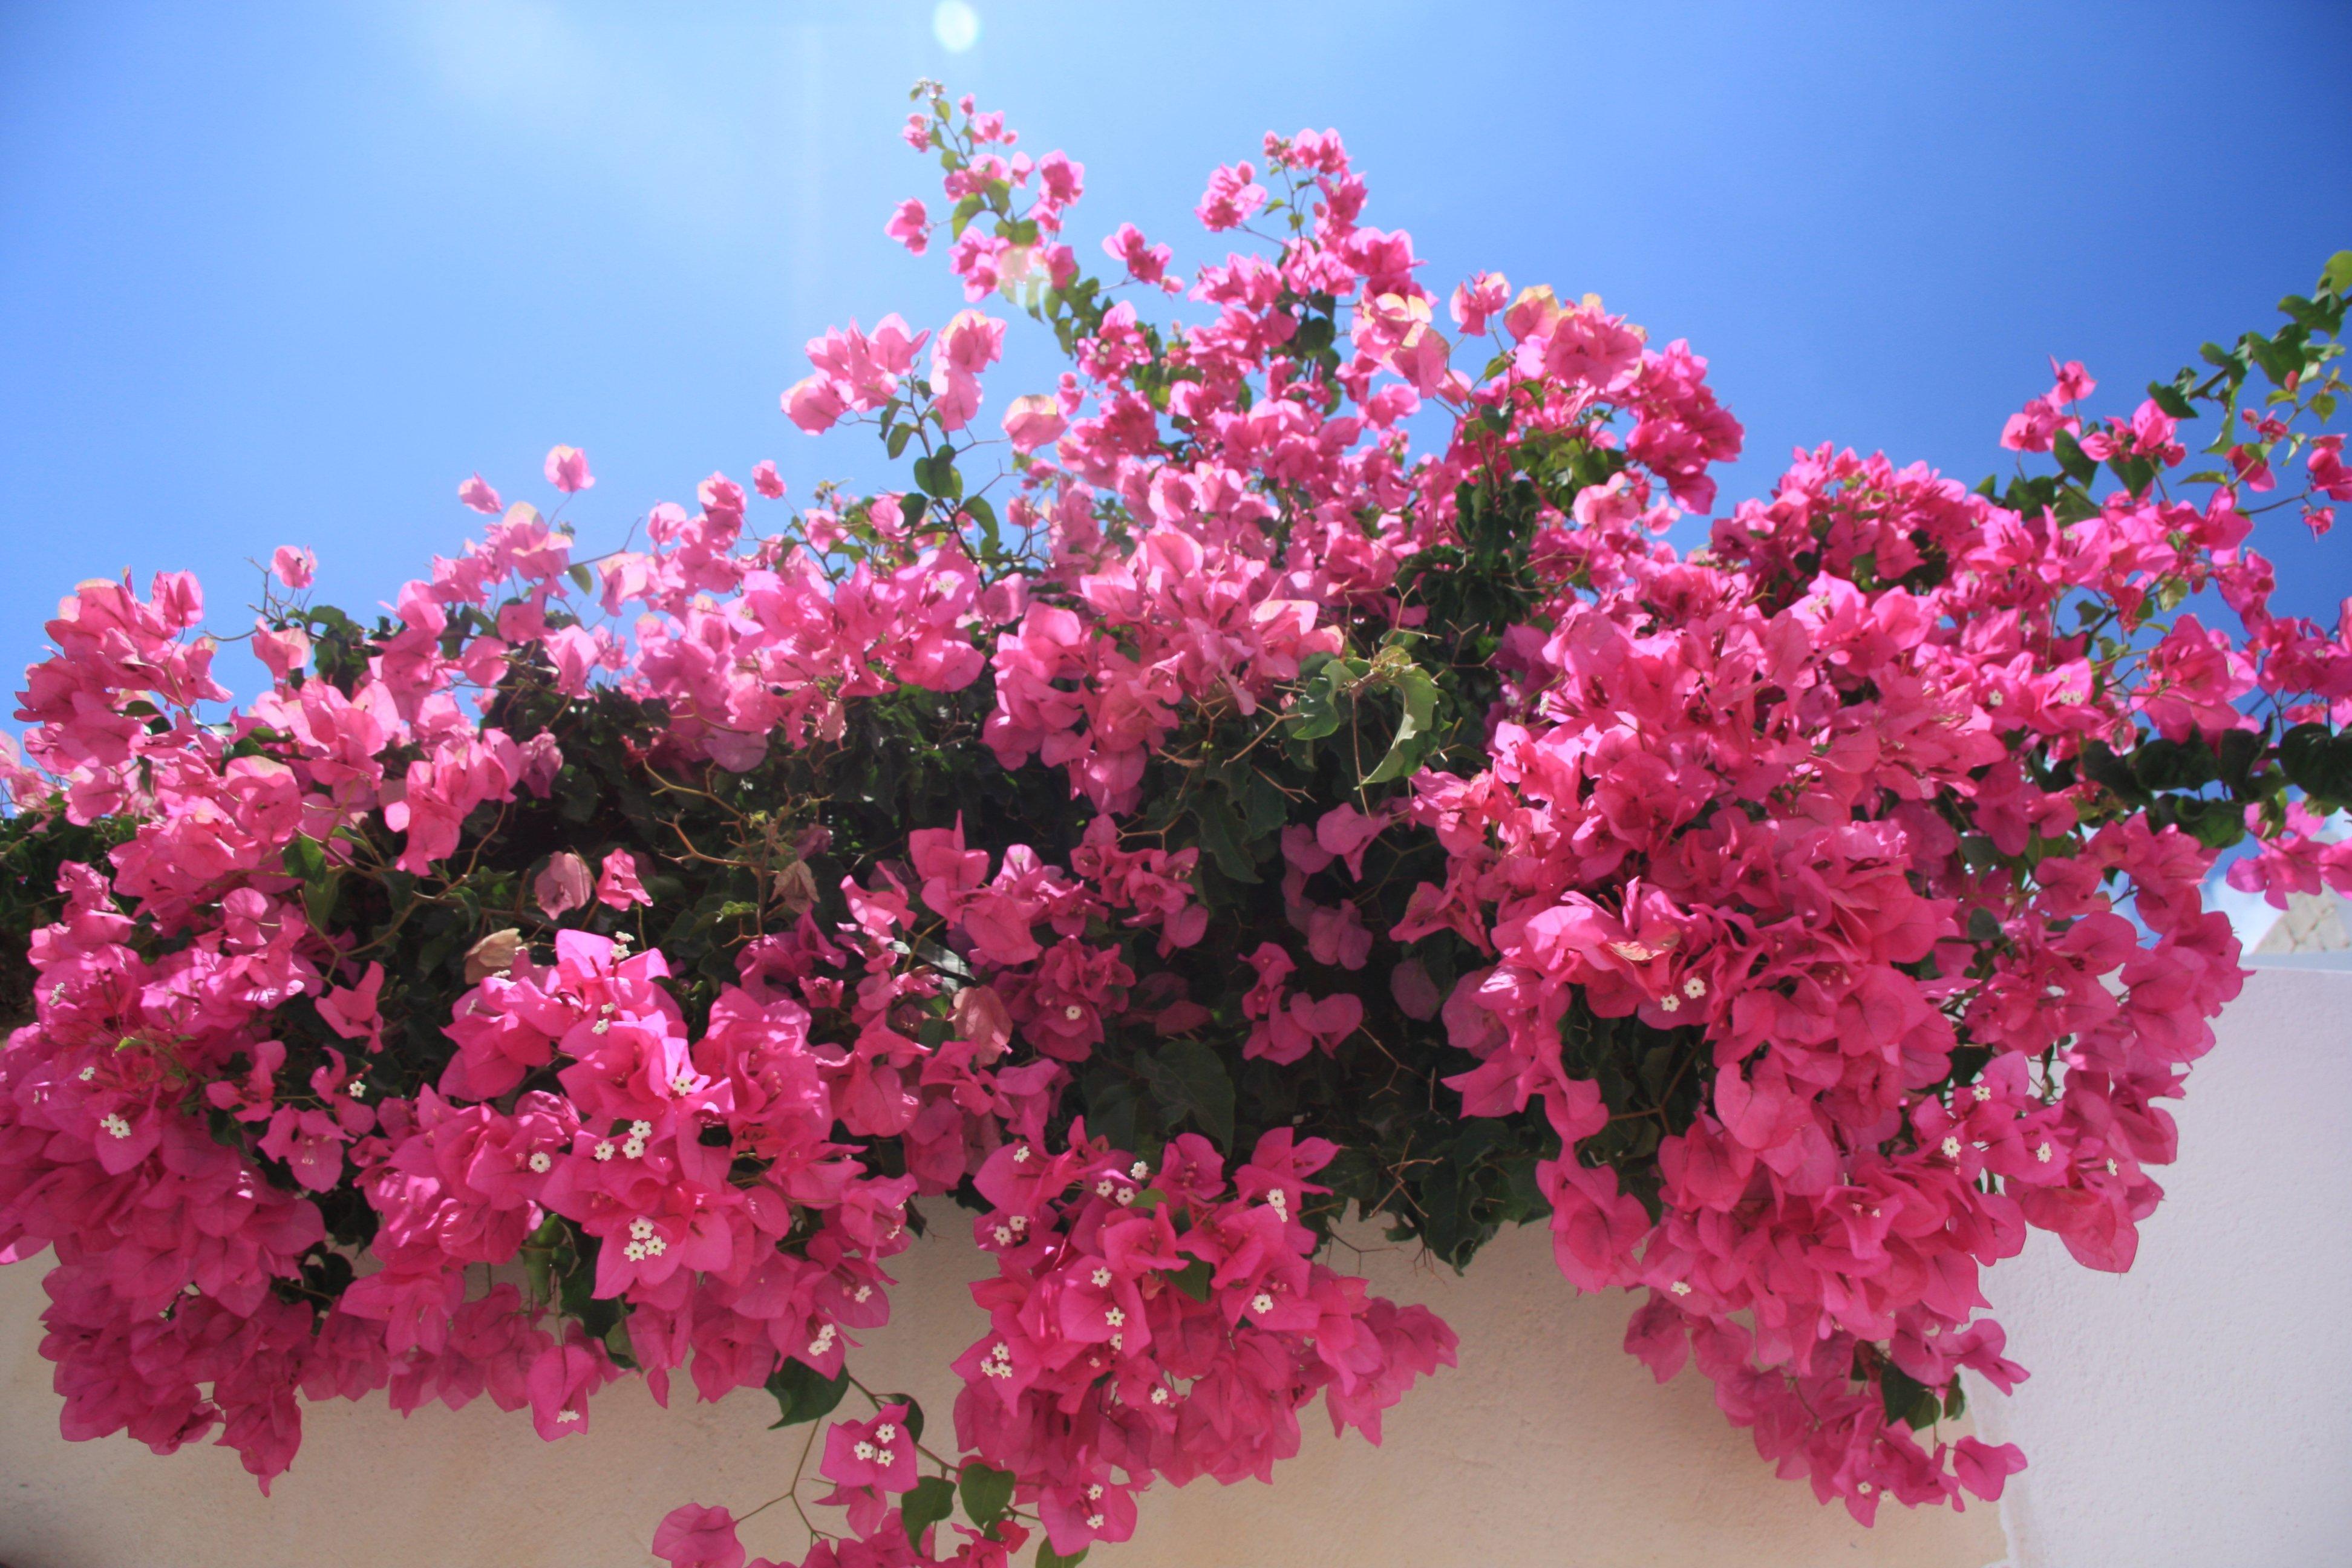 Bougainville Fleur à images gratuites : arbre, branche, fleur, feuille, pétale, rose